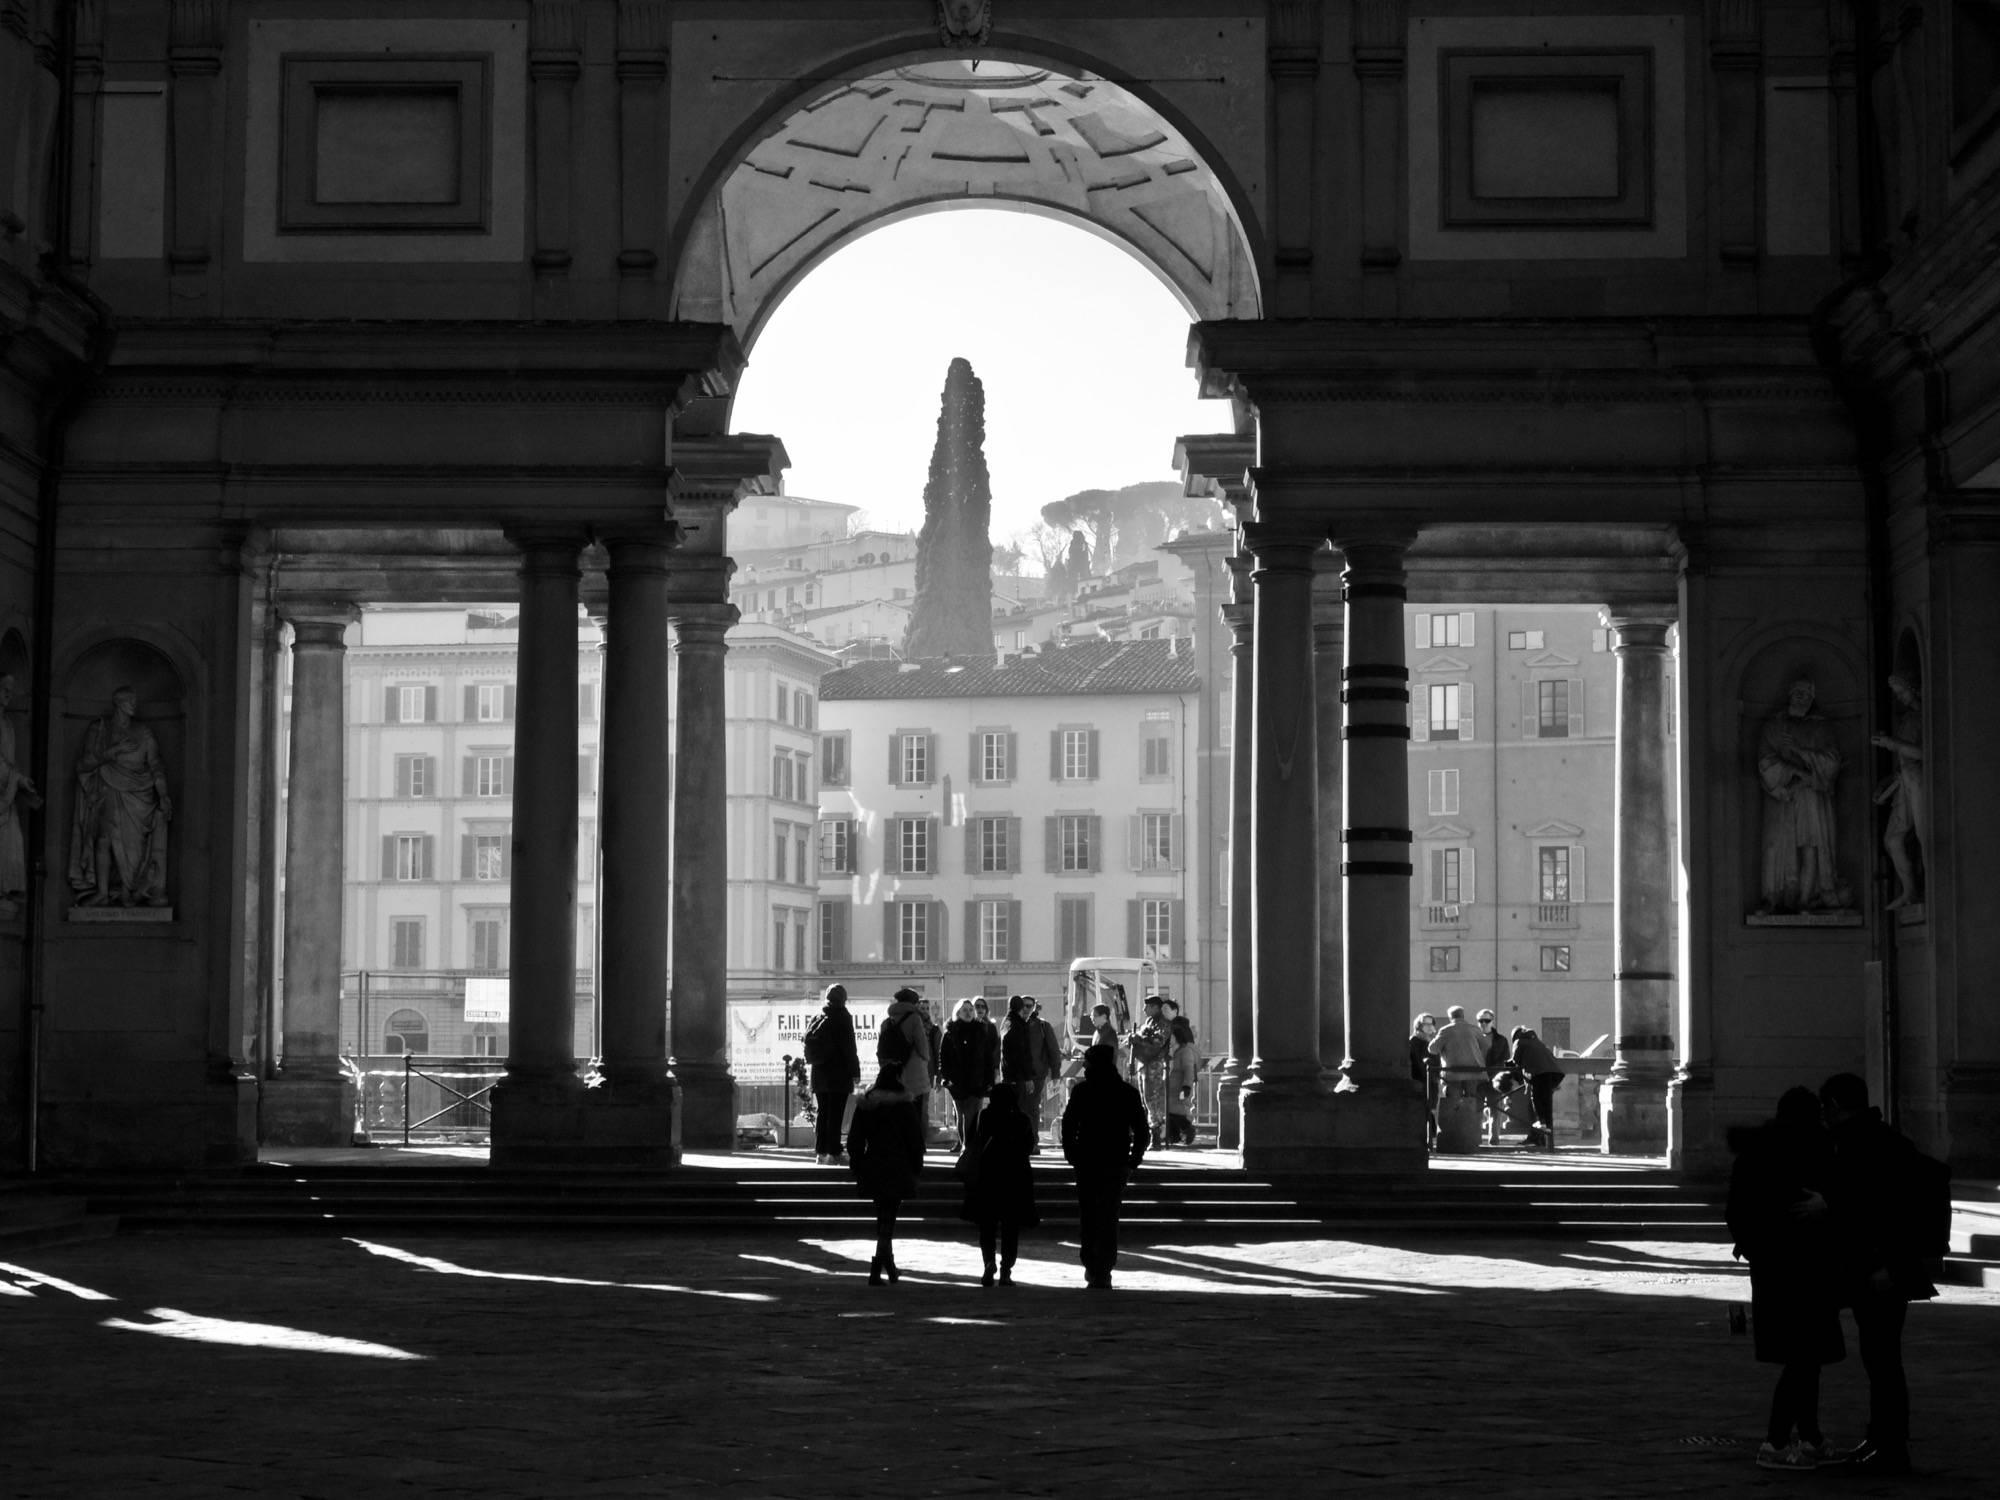 Massimiliano_Scarpa_photo_Firenze 2016 - Uffizi